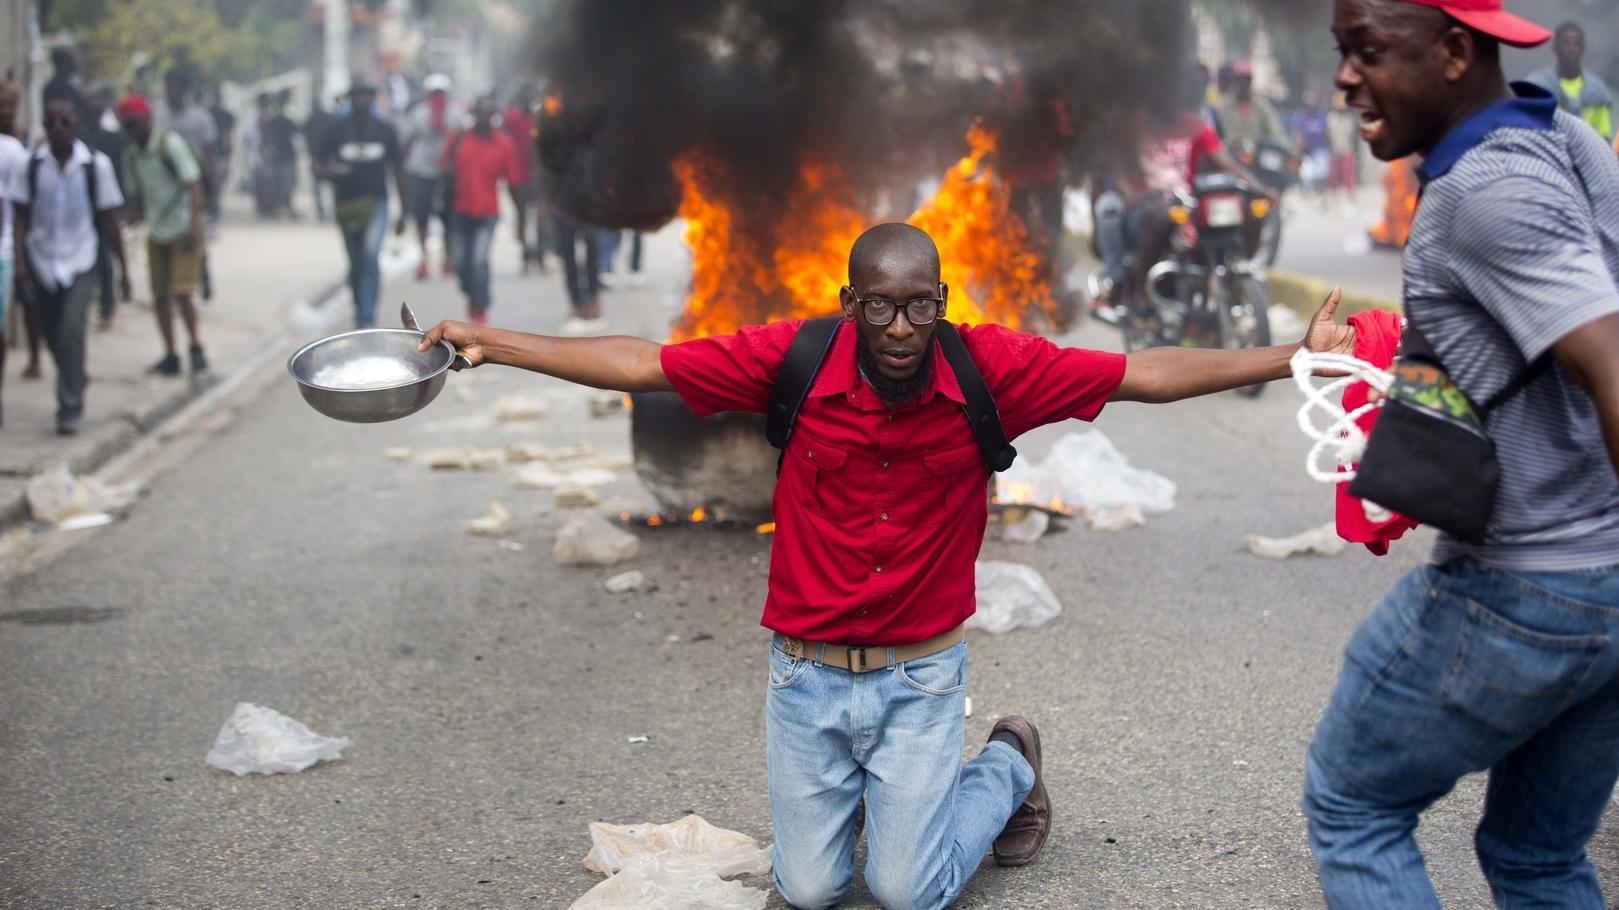 Ein Demonstrant kniet vor einem Feuer auf einer Sraße, breitet seine Arme aus und hält einen Schüssel und einen Löffel.